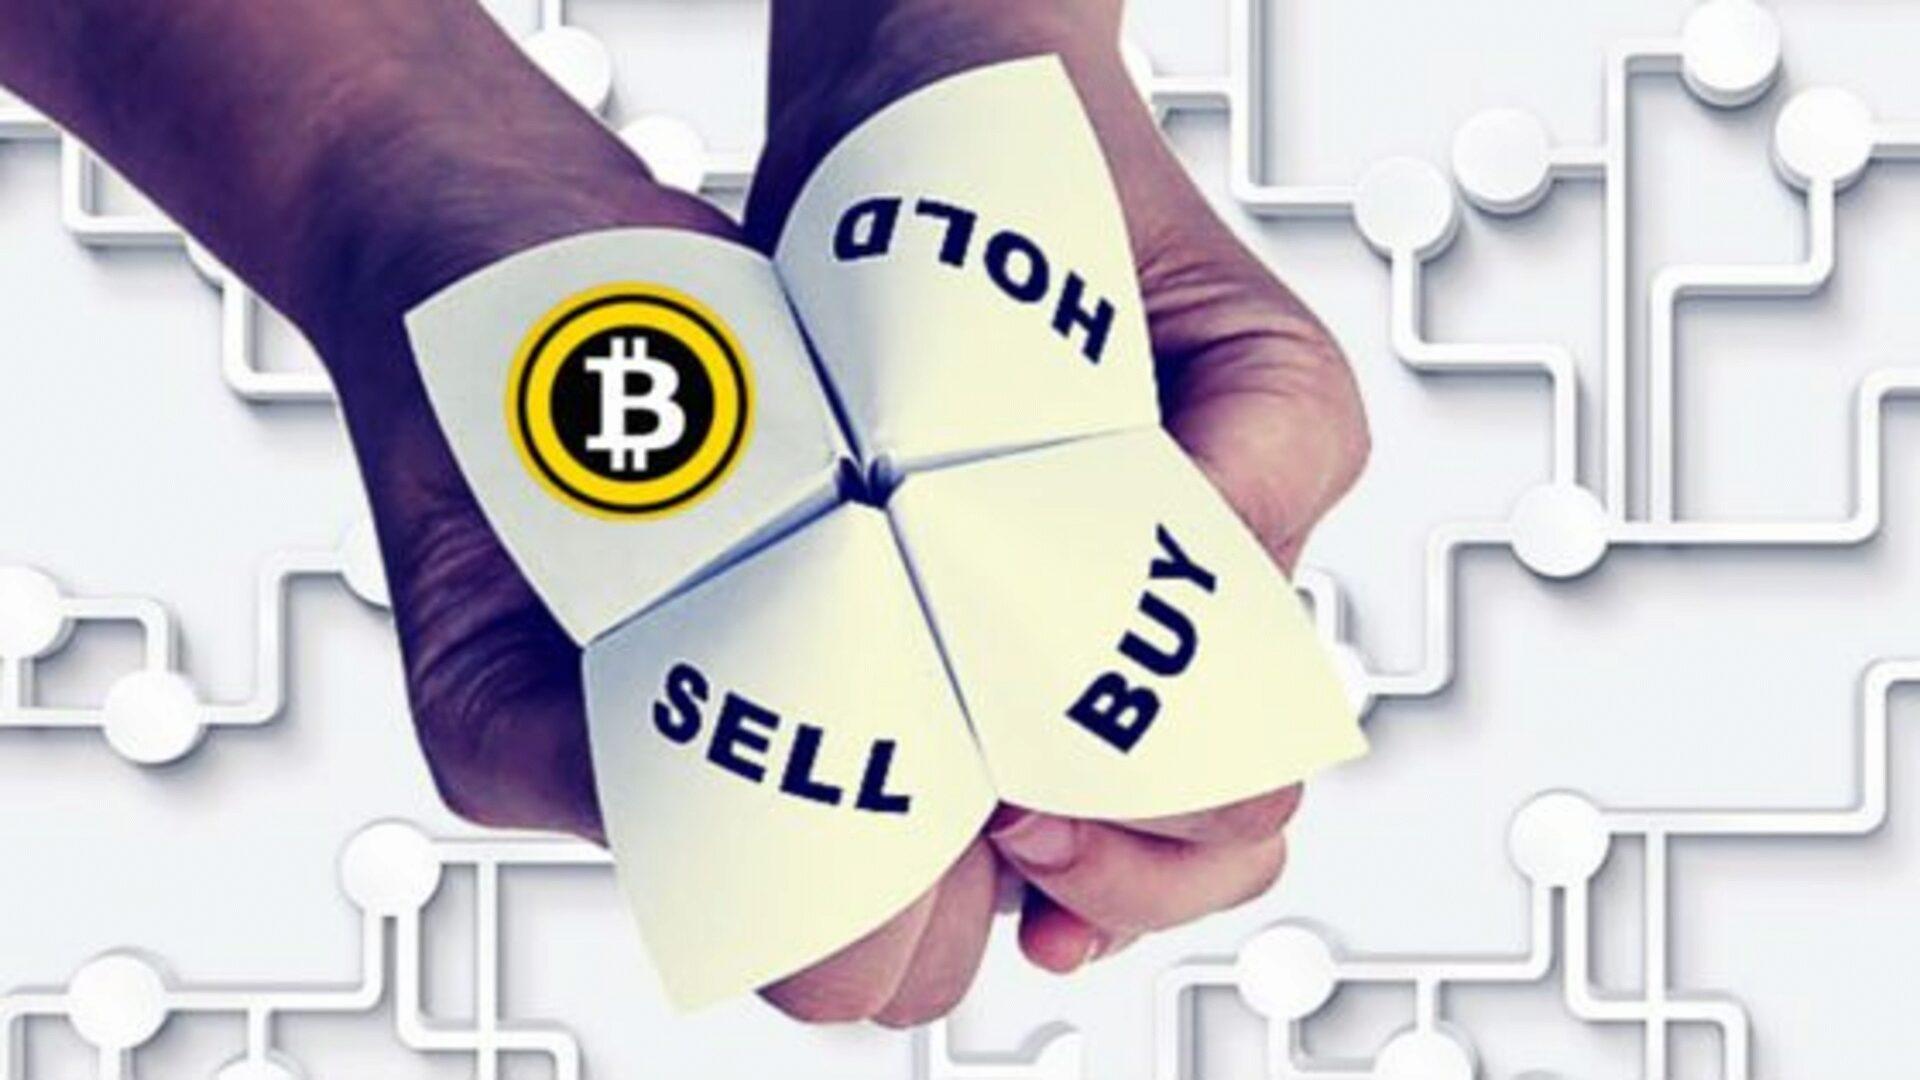 Вкладываться ли в биткоин? Советы эксперта